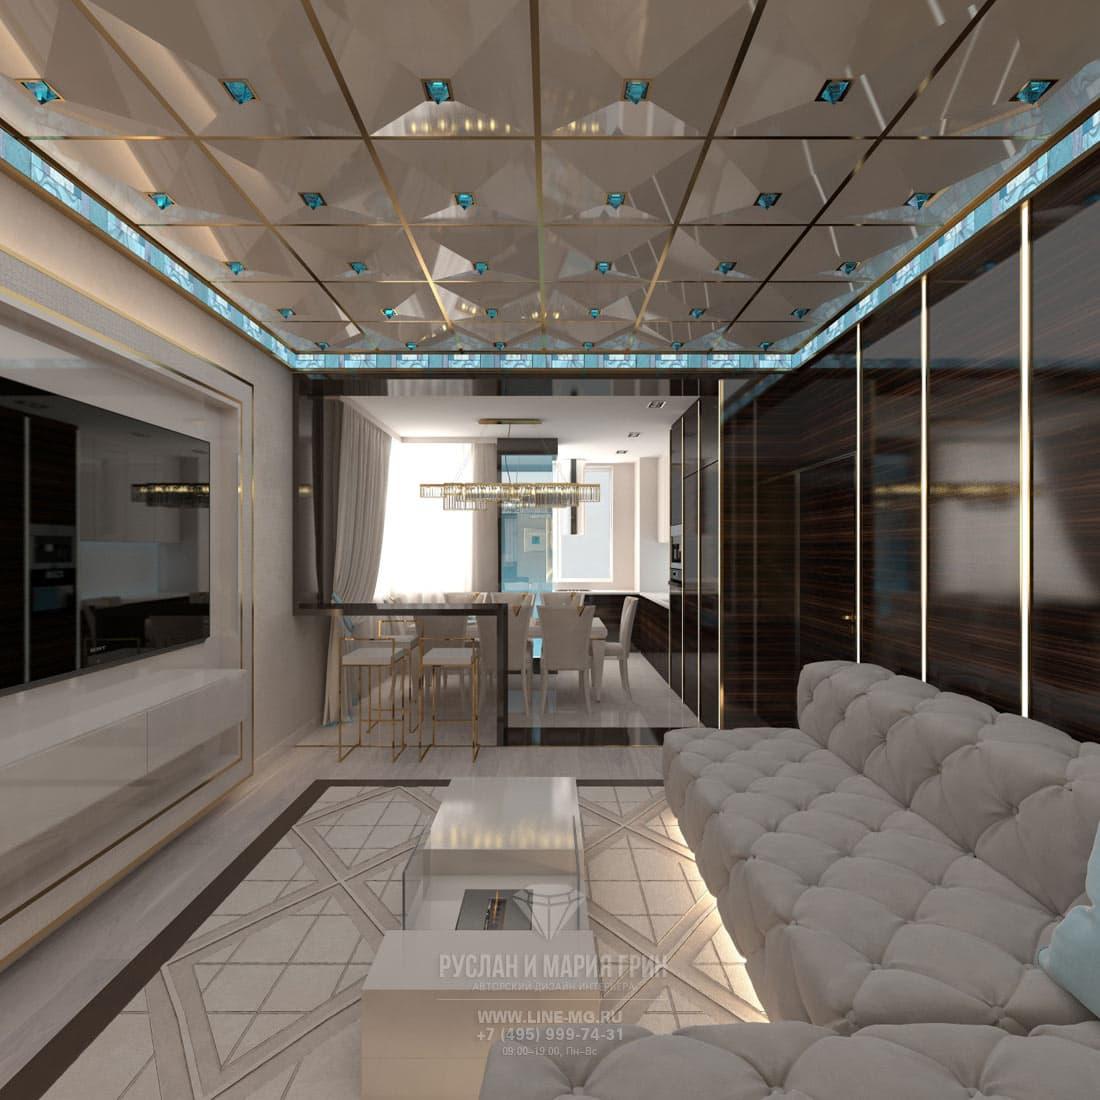 Apartment Interior Design Ideas 2017: Living Room Design. Pictures Of 2015. Modern Ideas